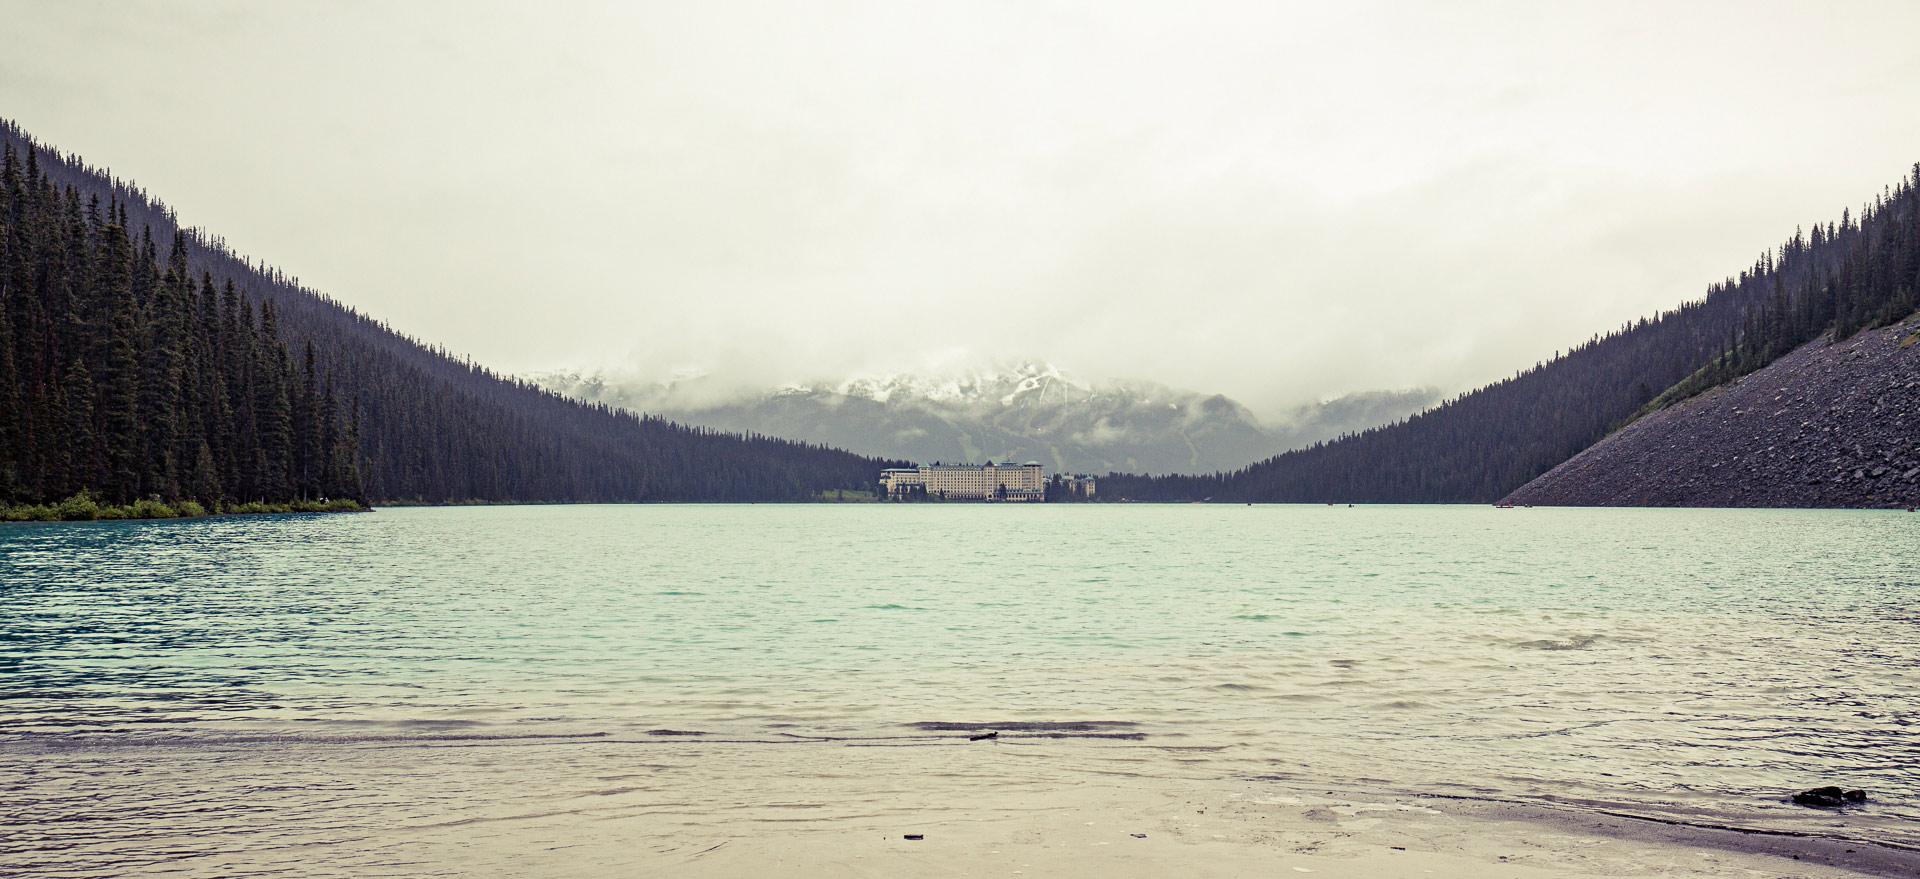 Hôtel Fairmont lac Louise parc Banff Canada